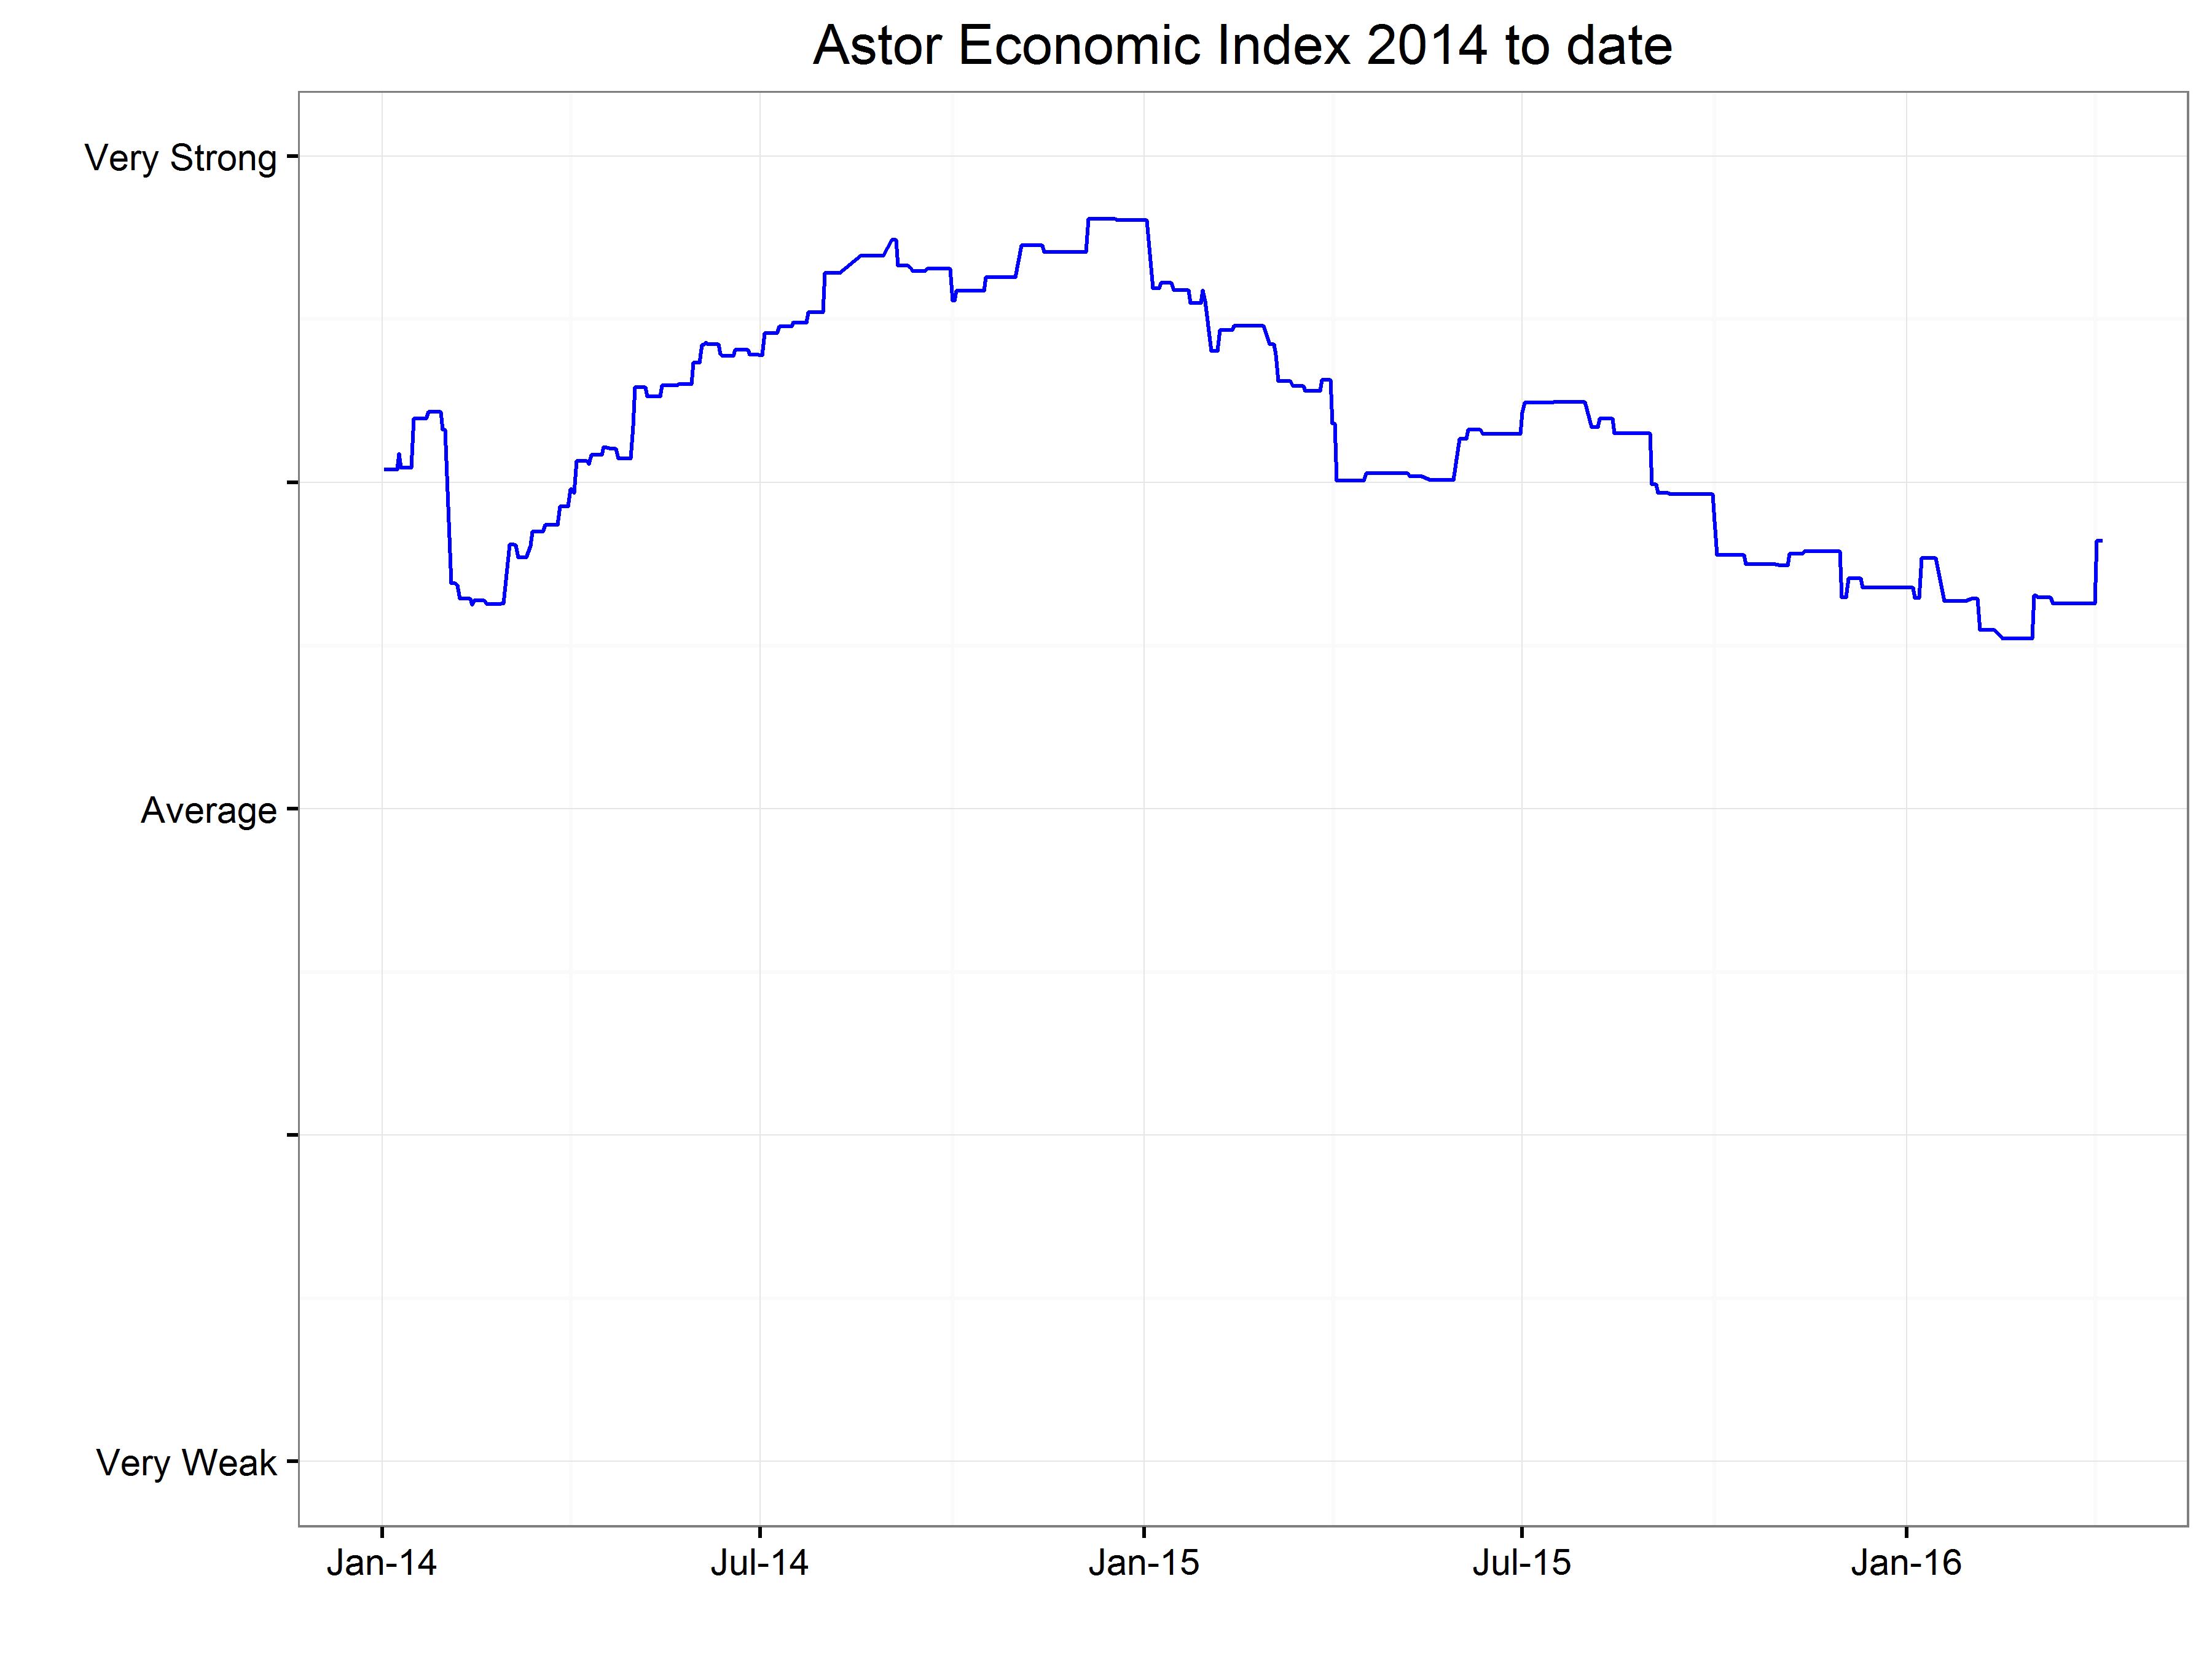 Source: Astor calculations